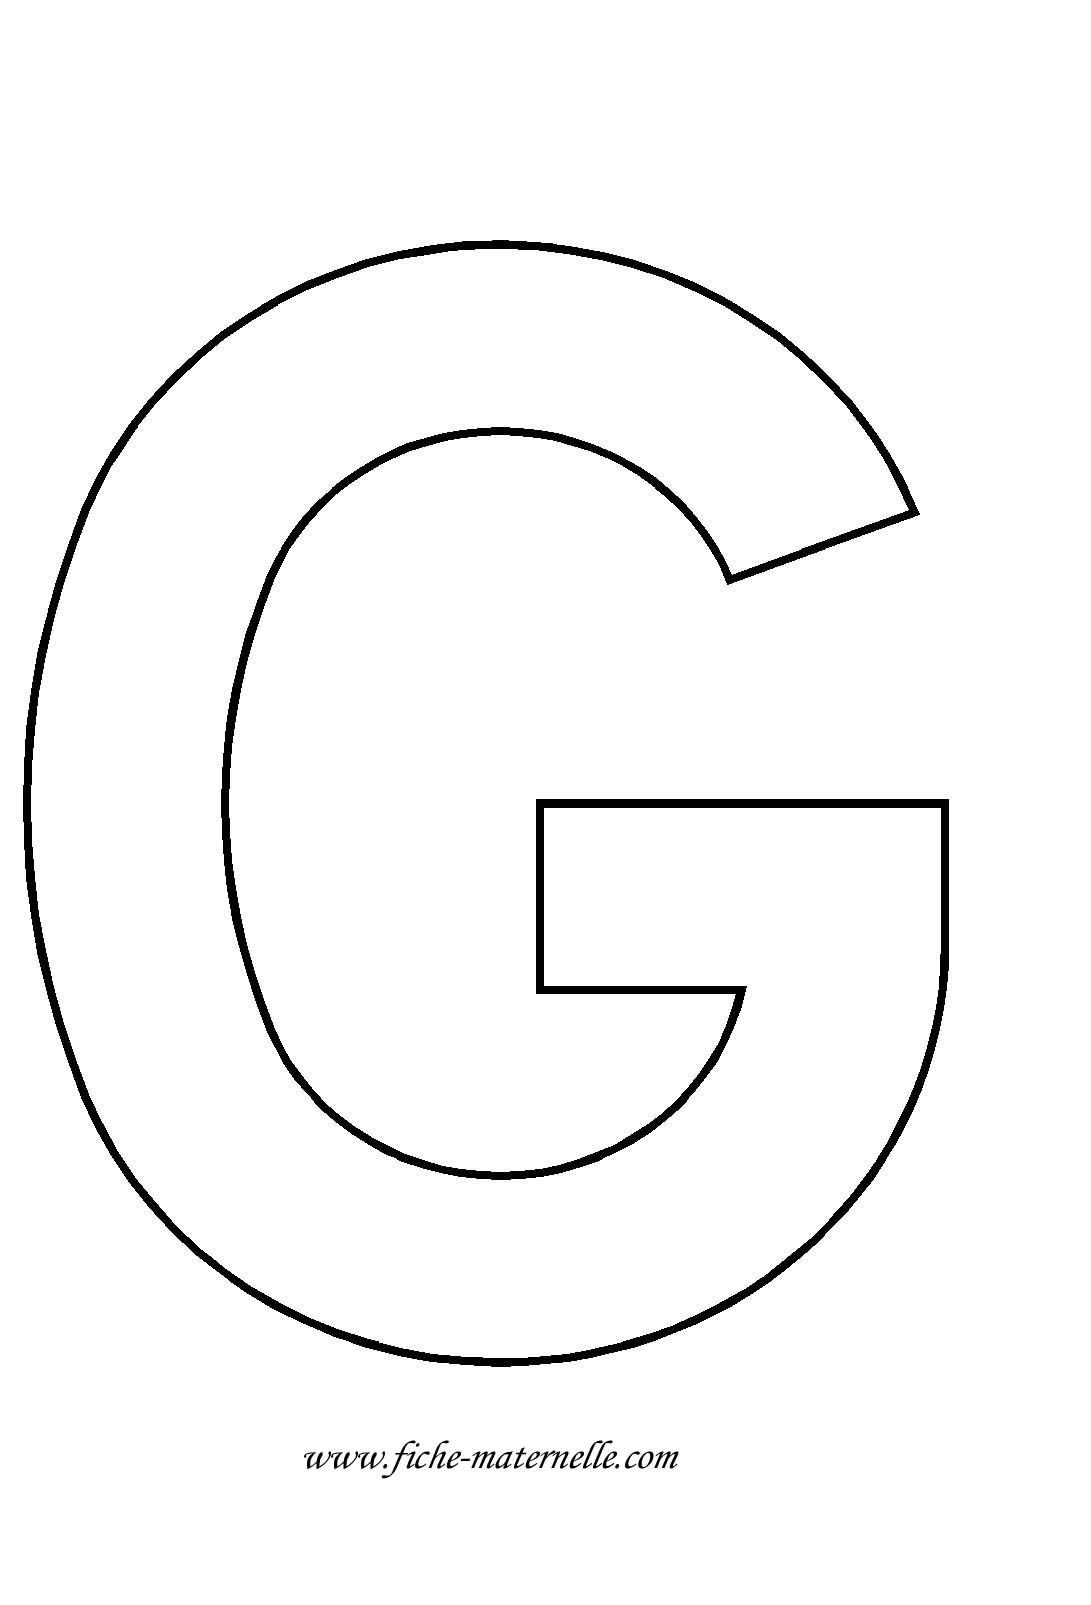 g lettre La lettre G   Amoilesserps.com g lettre